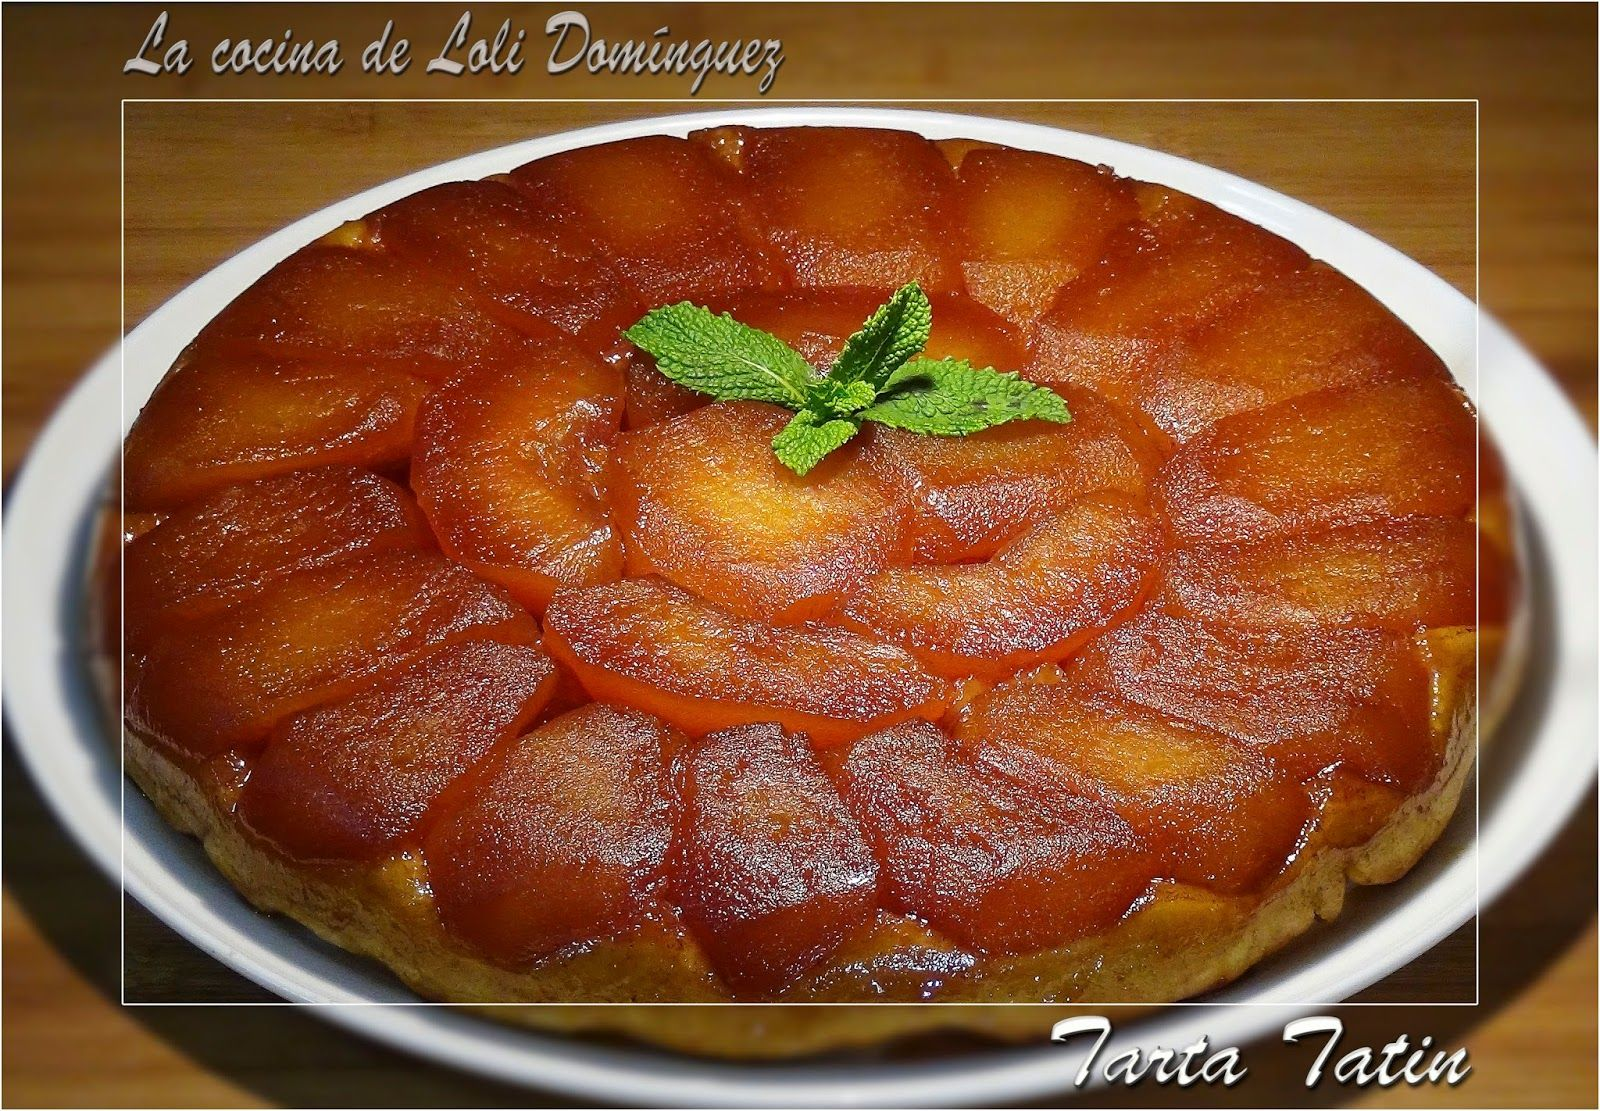 Tarta tatin recetas cocina recetas faciles for Postres cocina francesa